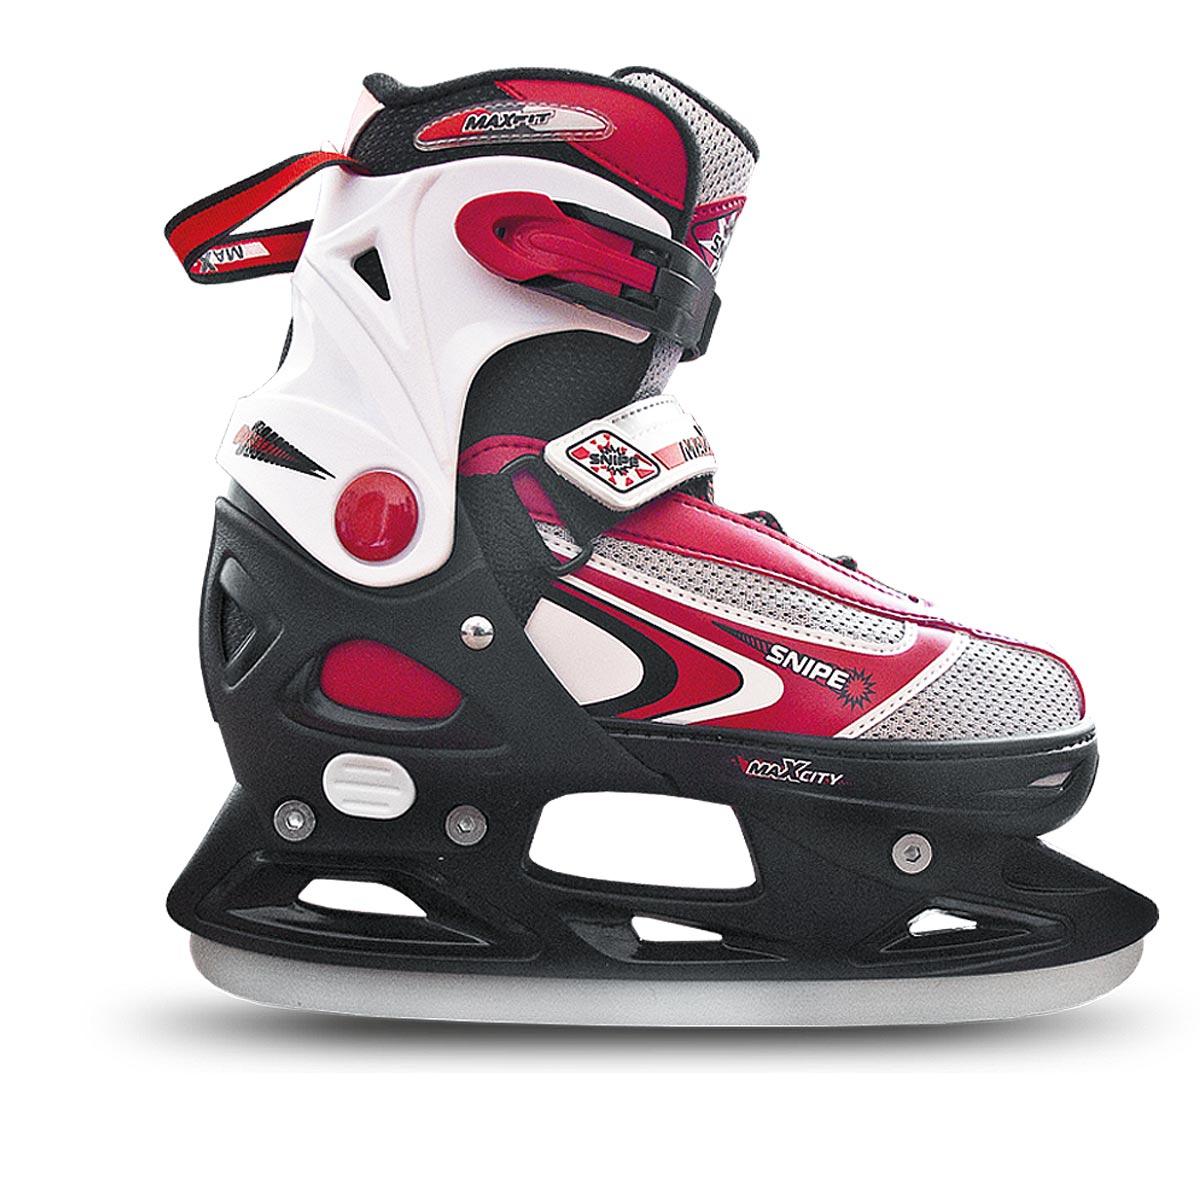 Коньки ледовые для мальчика MaxCity Snipe Boy, раздвижные, цвет: черный, серый, красный. Размер 33/36